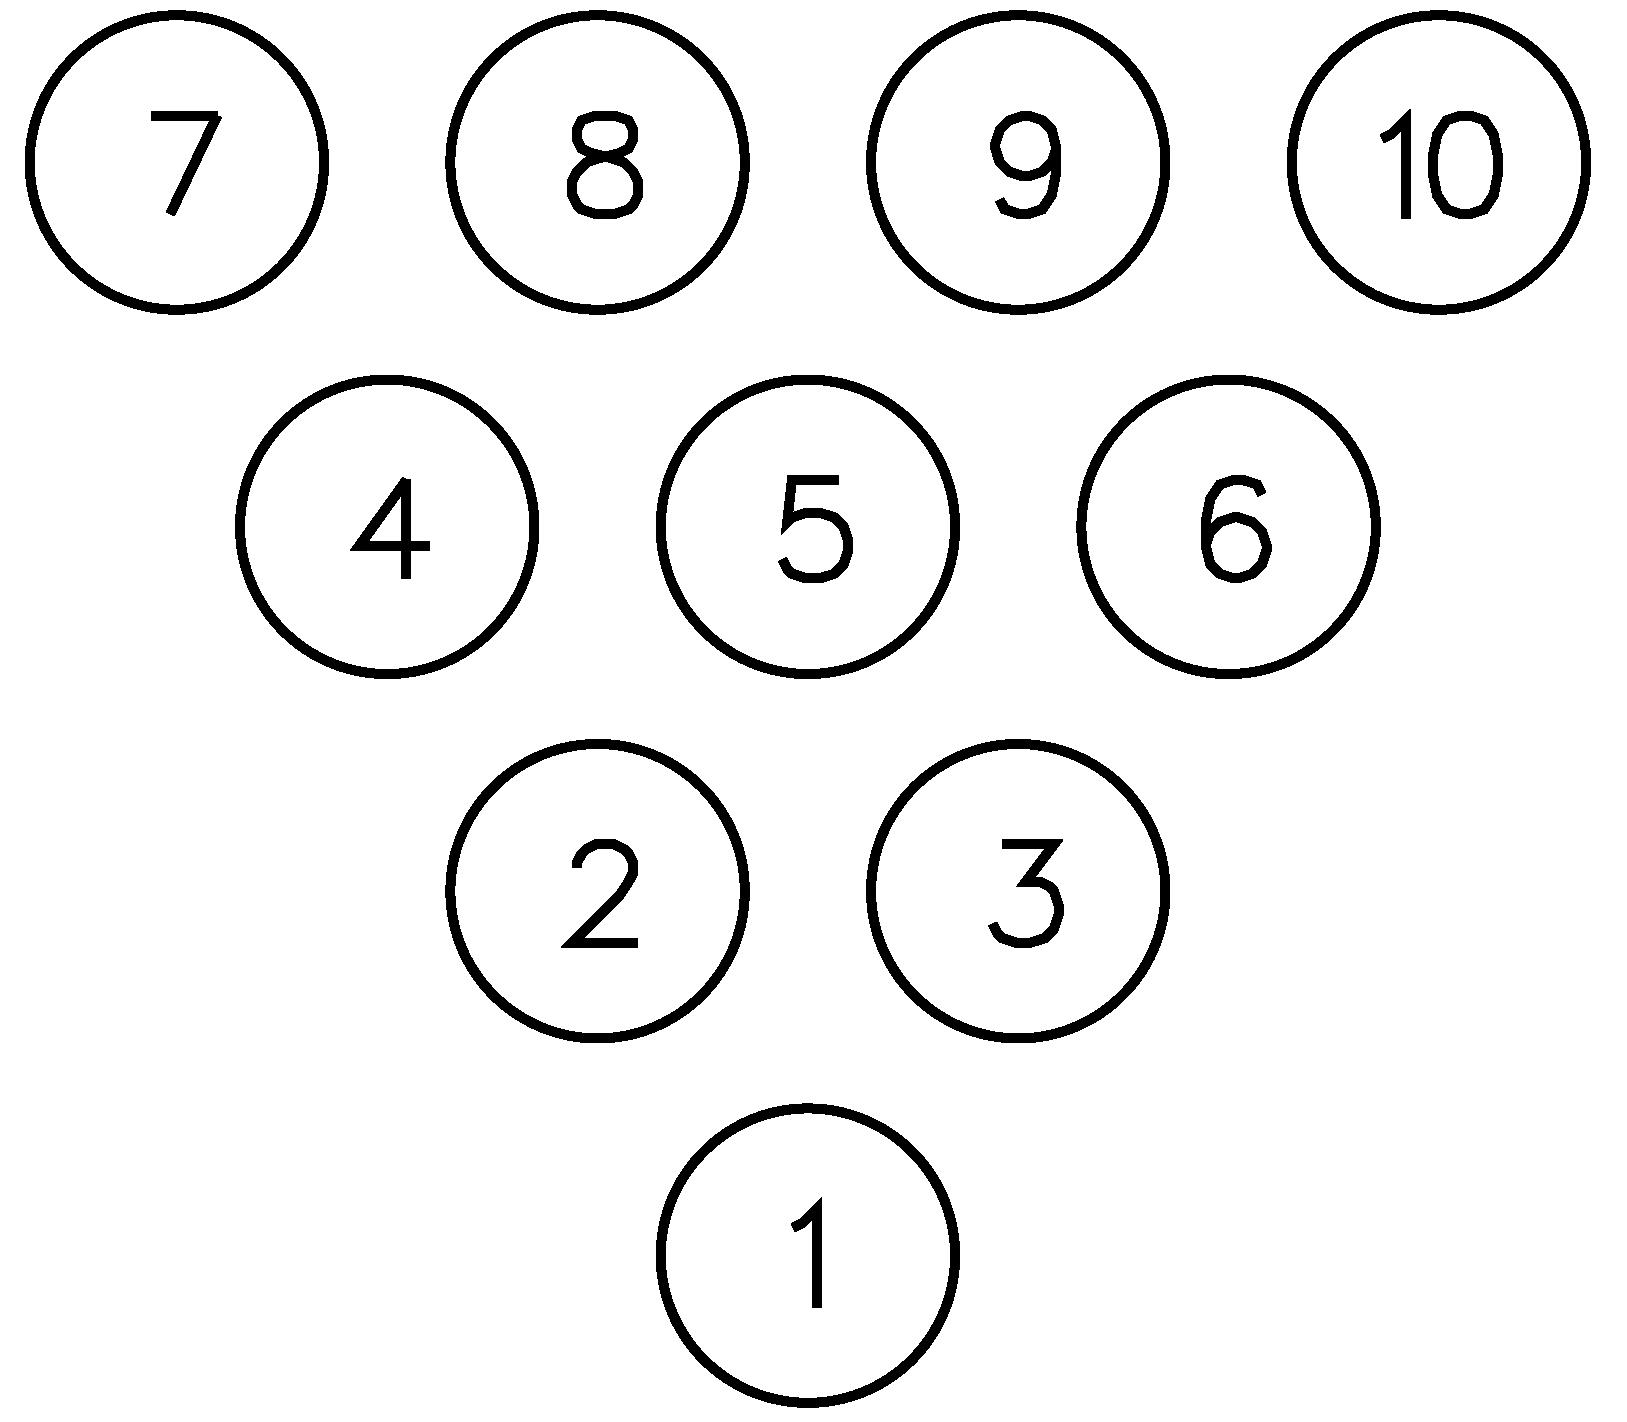 Bowling Pin Setup